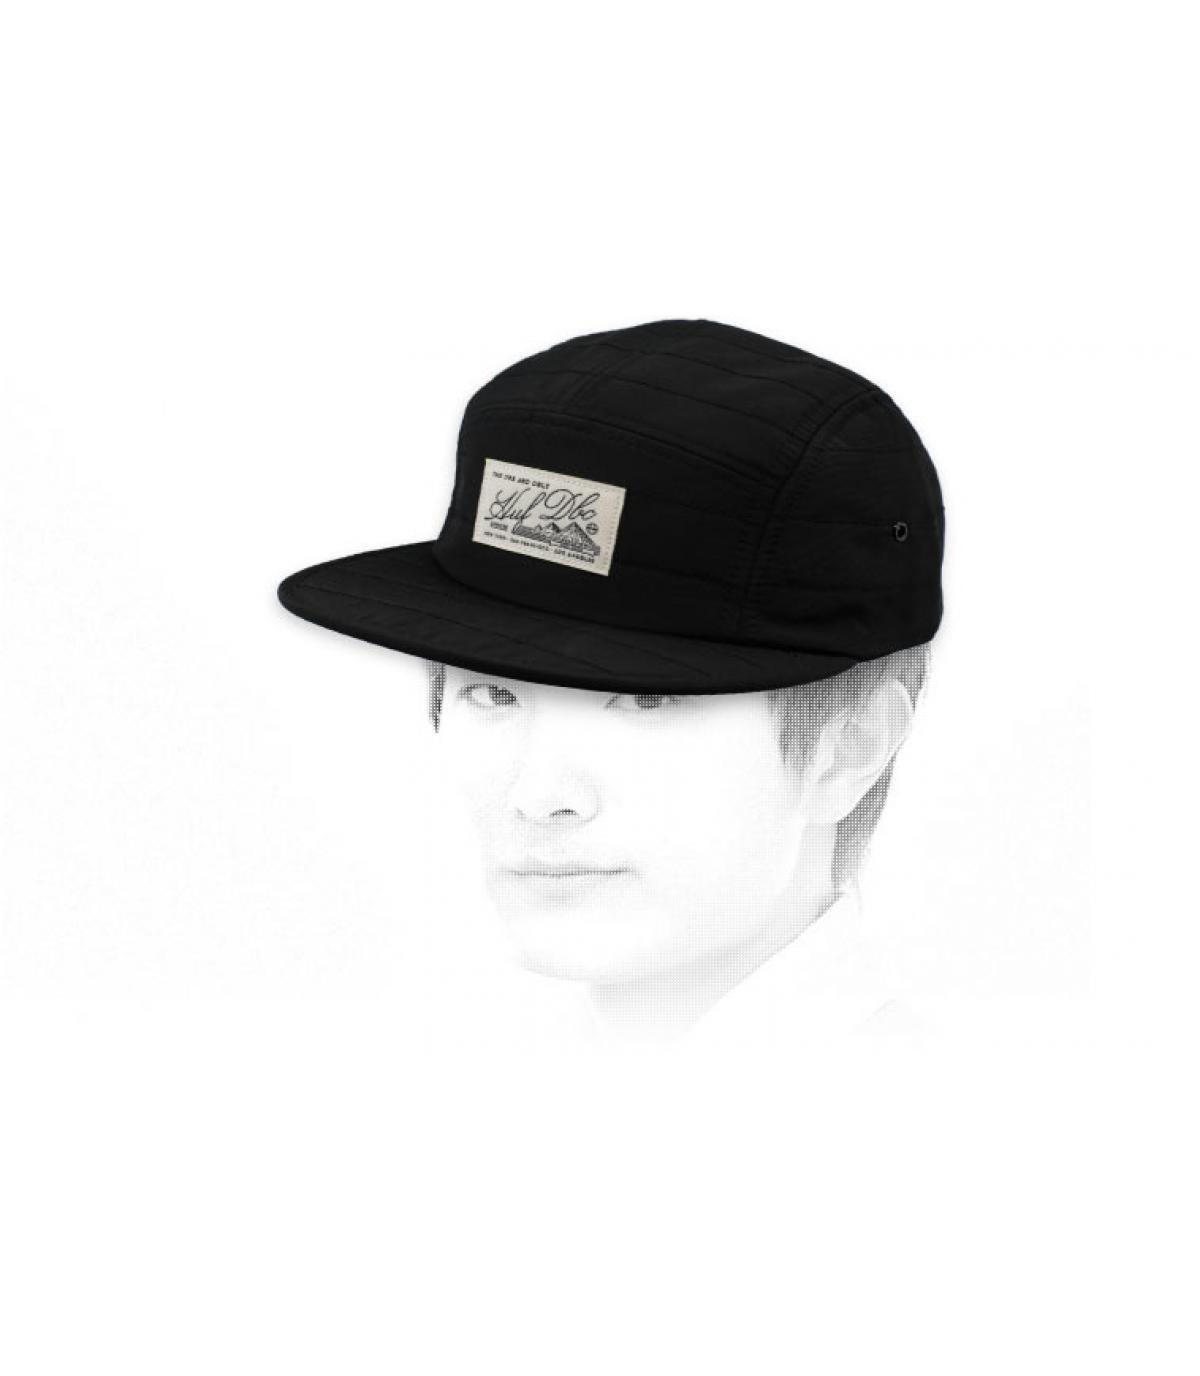 Huf cap 5 zwart paneel